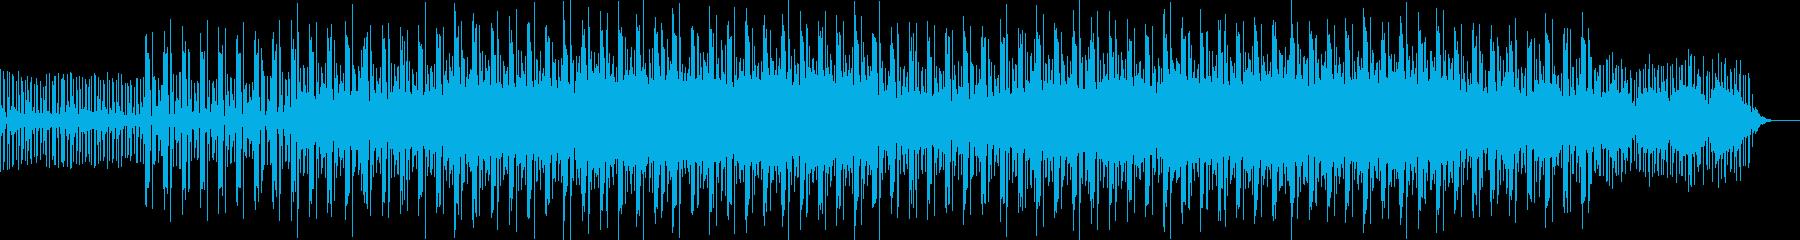 ニュース映像ナレーションバック向け-02の再生済みの波形